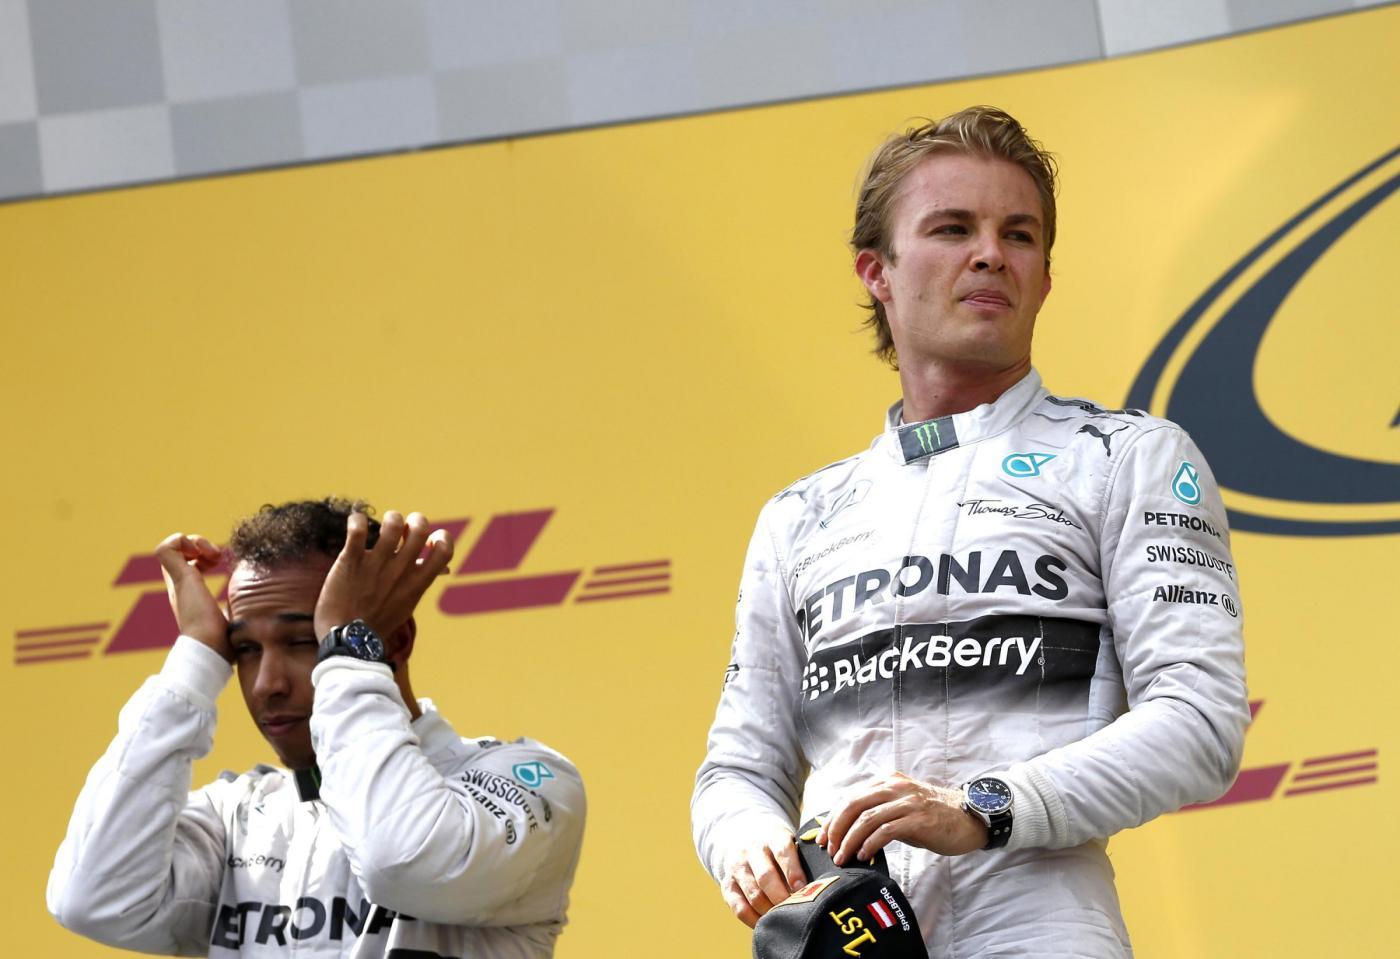 Gp Austria F1 2014, gara: Doppietta Mercedes. Alonso solo 5°